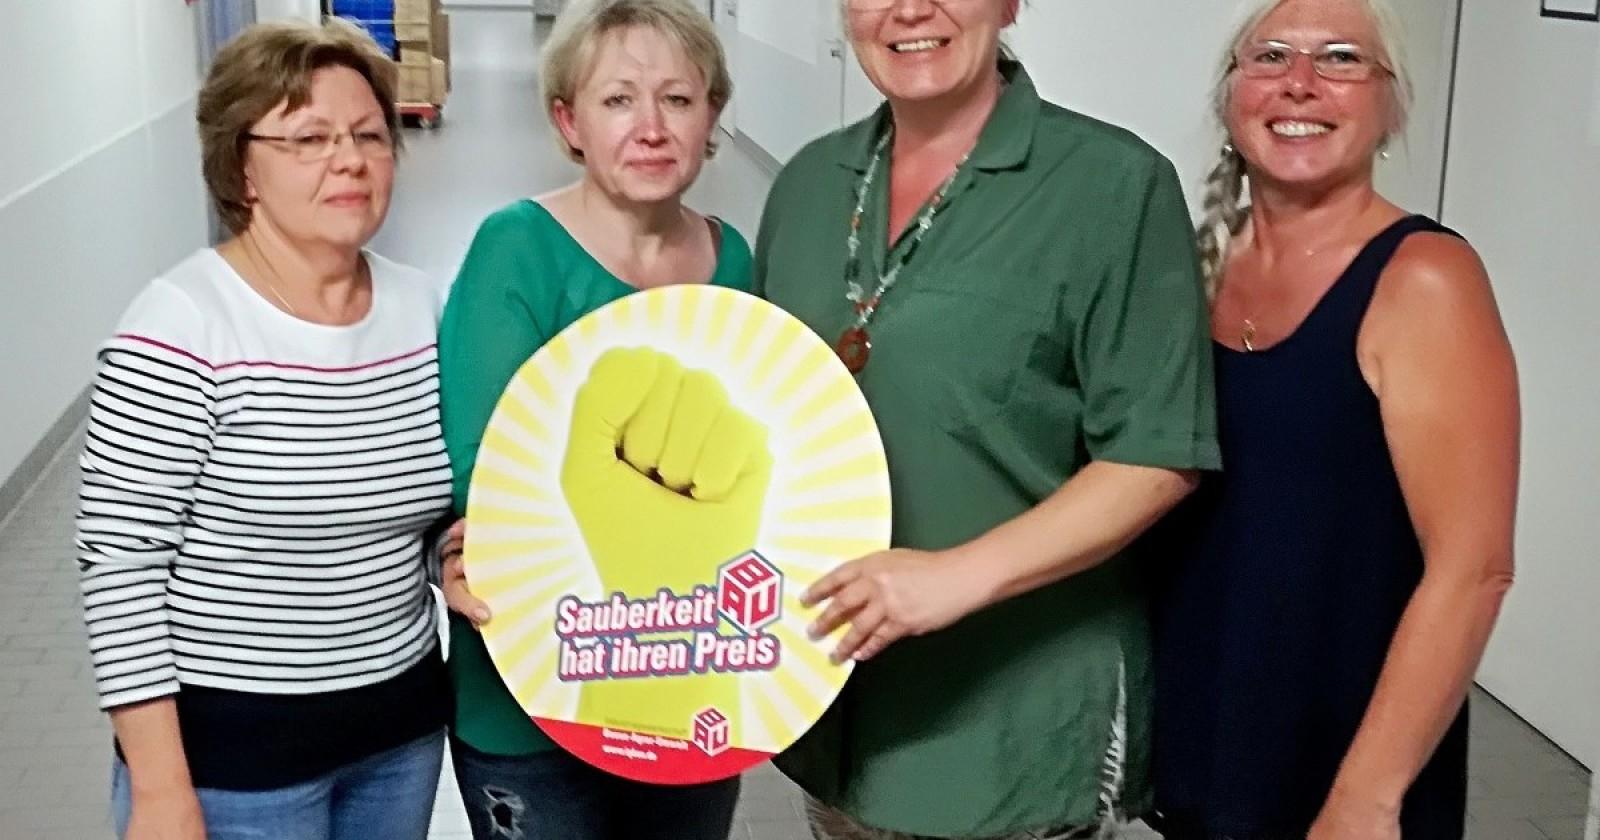 Kolleginnen im Agaplesion Kliniken Kassel unterstützen die Lohnforderungen der IG BAU